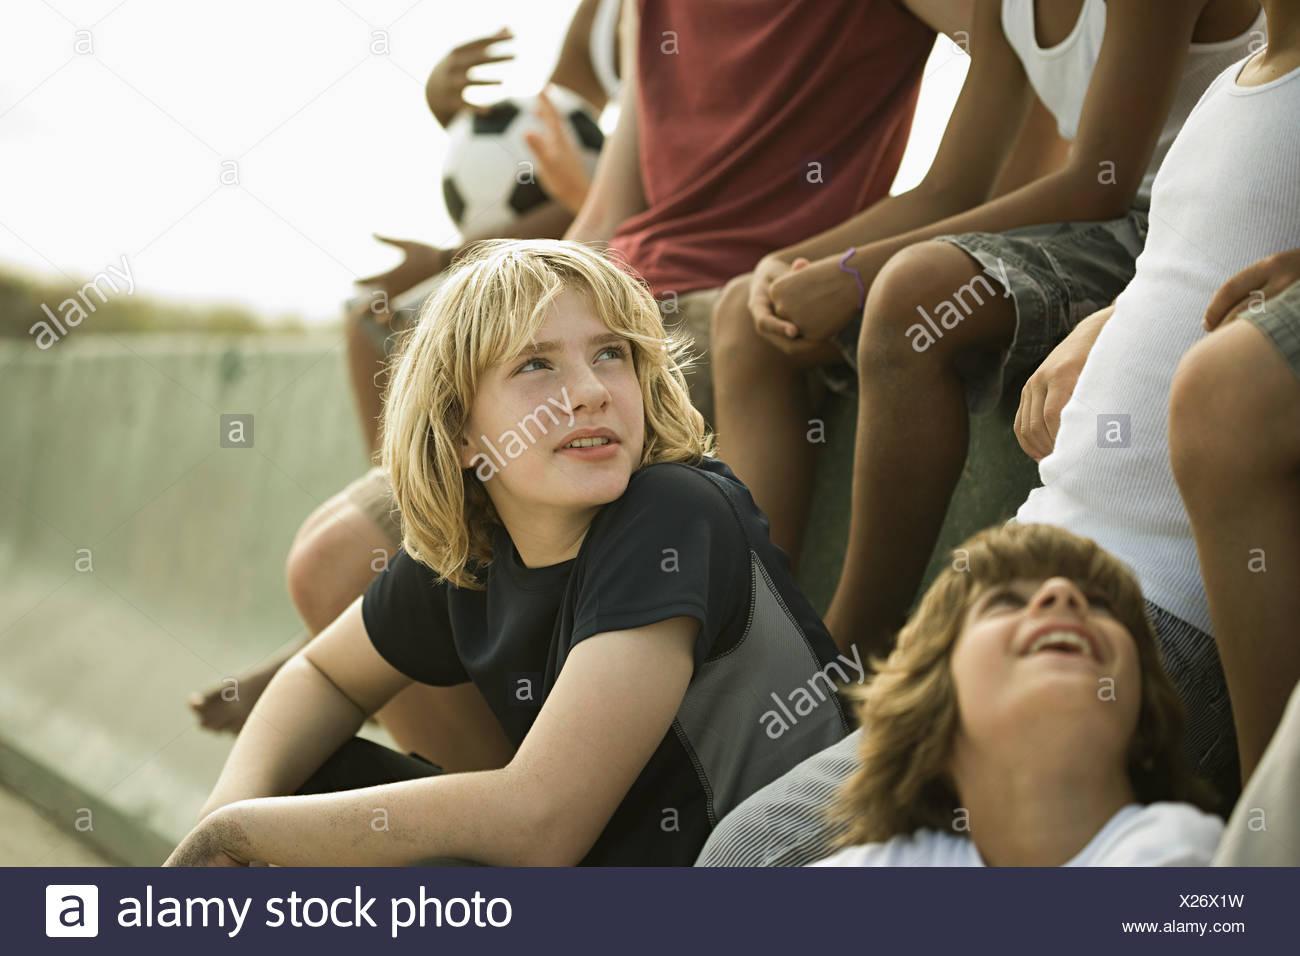 Un gruppo di ragazzi da parete con il calcio Immagini Stock